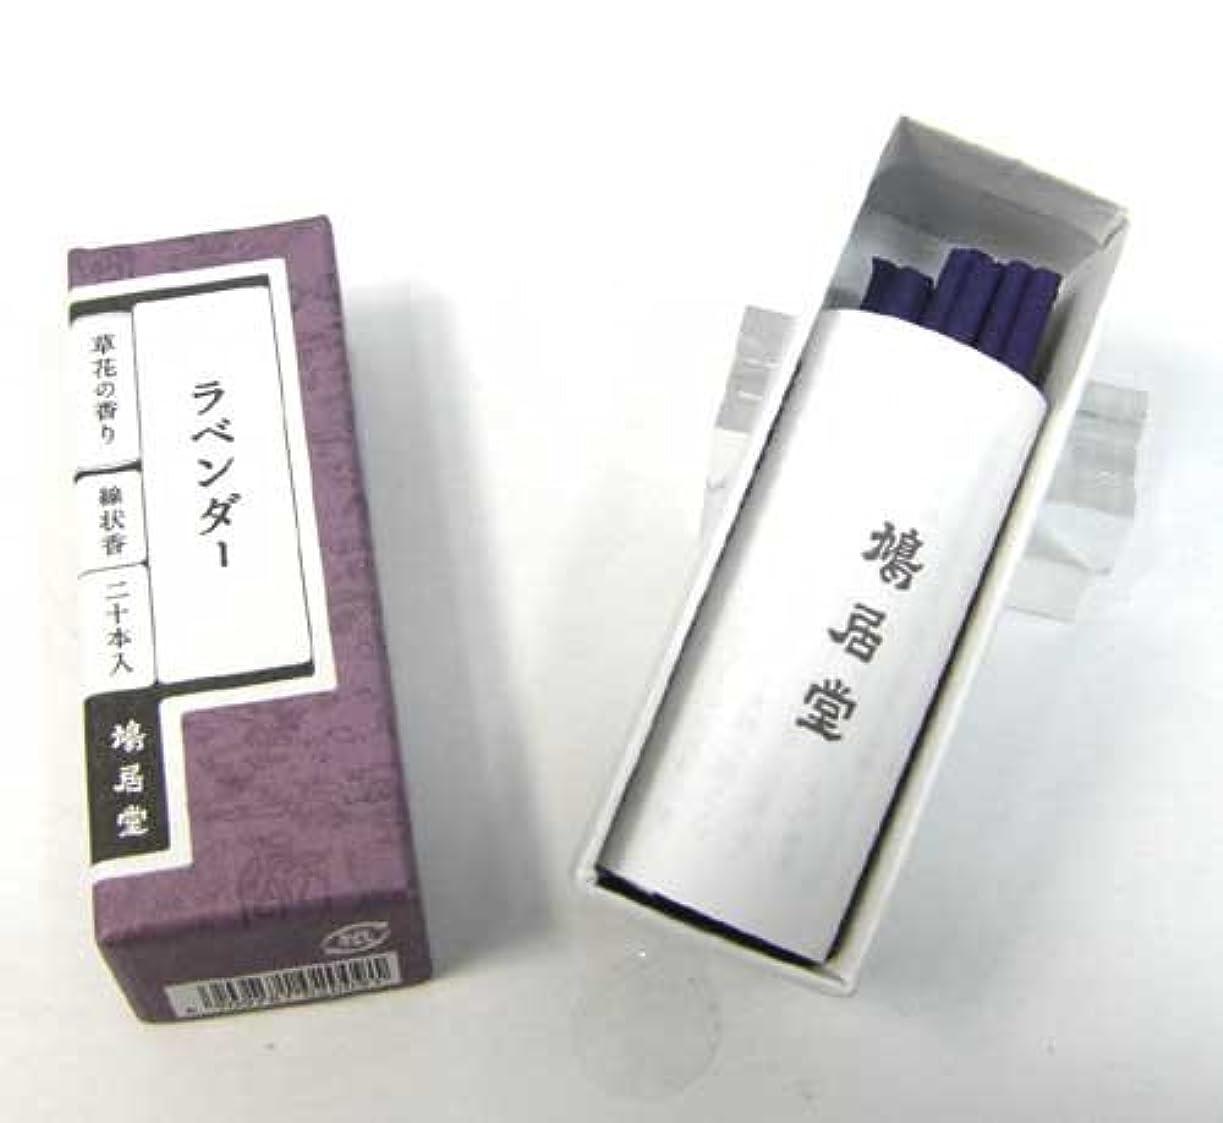 装置適応収入鳩居堂 お香 ラベンダー 草花の香りシリーズ スティックタイプ(棒状香)20本いり